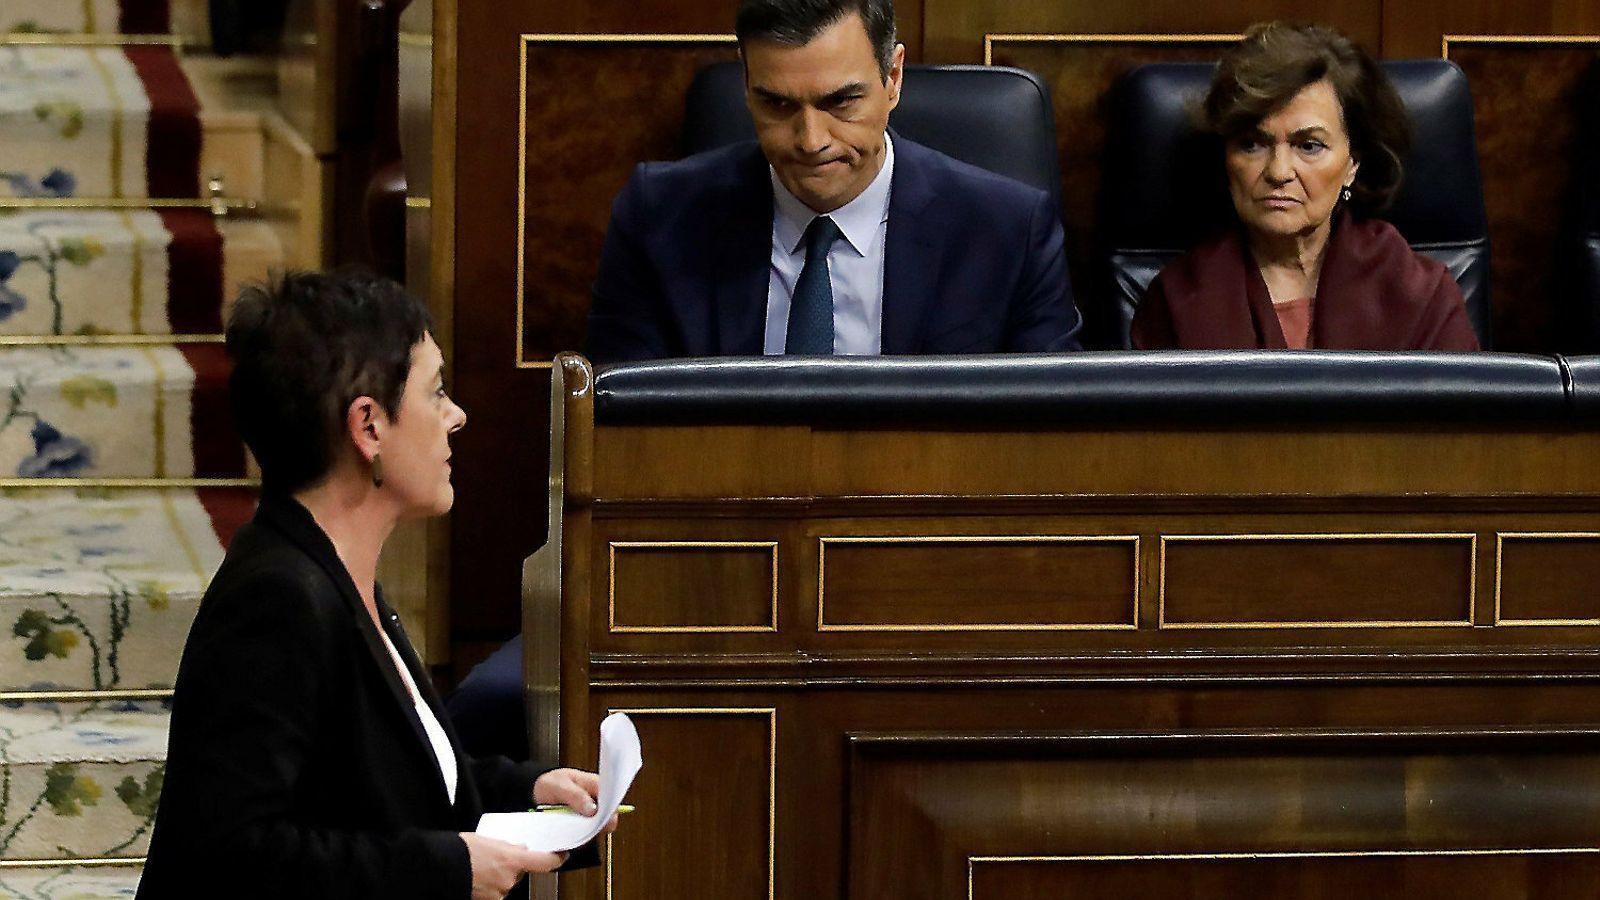 La portaveu d'EH Bildu al Congrés, Mertxe Aizpurua, i el president espanyol, Pedro Sánchez, mirant-se en una imatge d'arxiu.